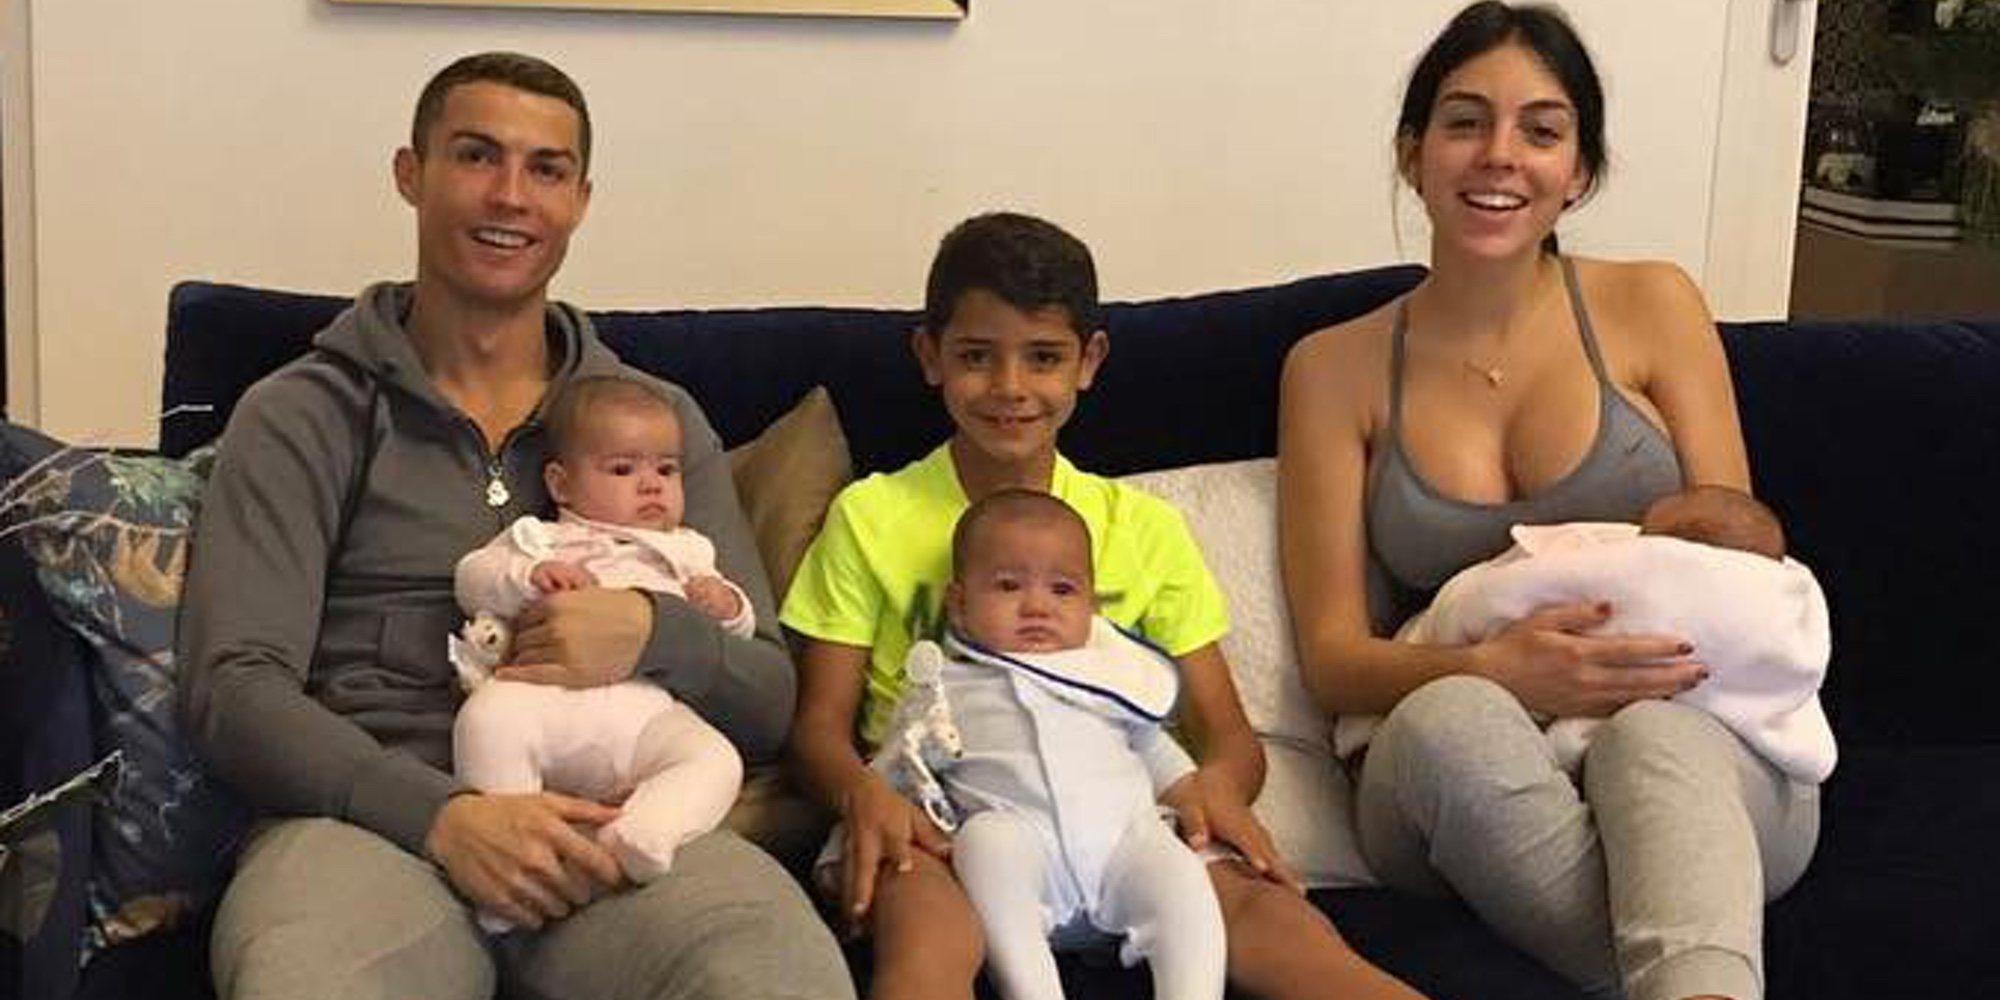 Cristiano Ronaldo celebra el primer cumpleaños de sus mellizos Eva y Mateo en la distancia